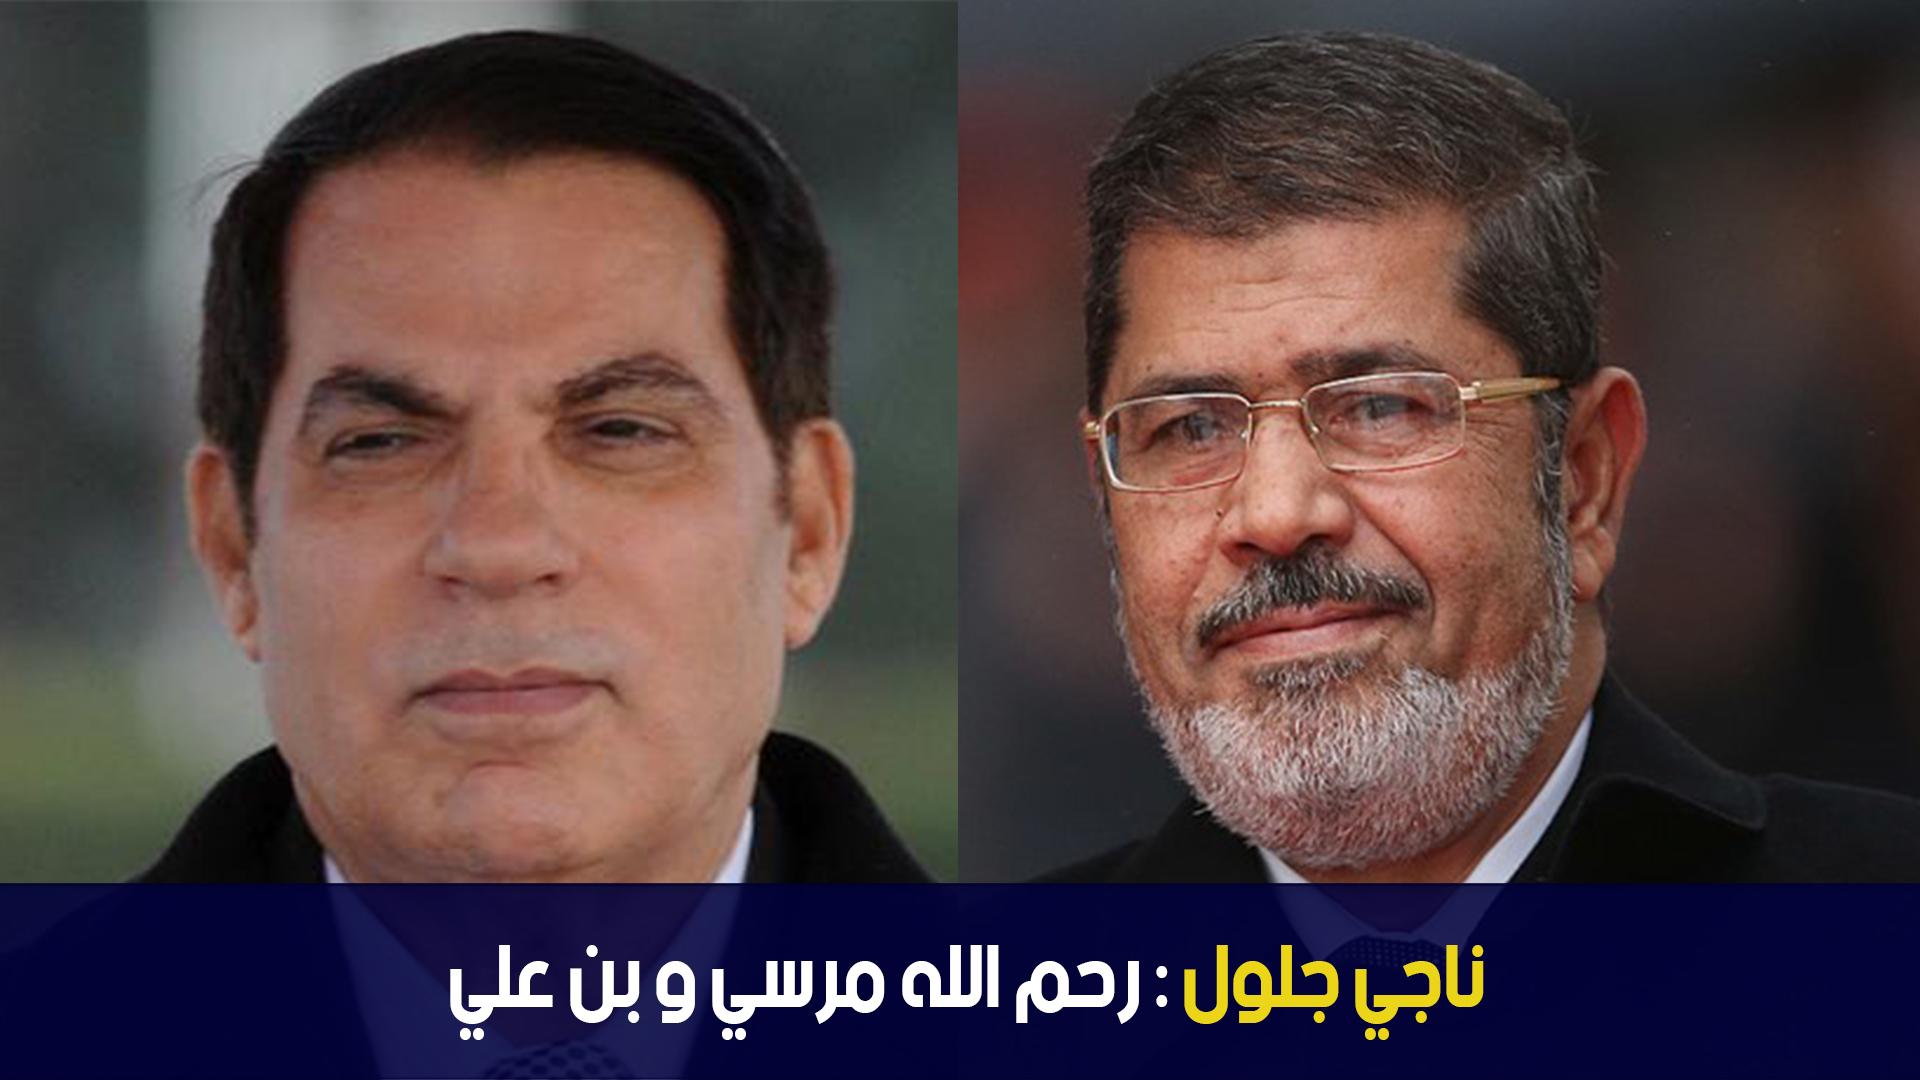 ناجي جلول : رحم الله مرسي و بن علي